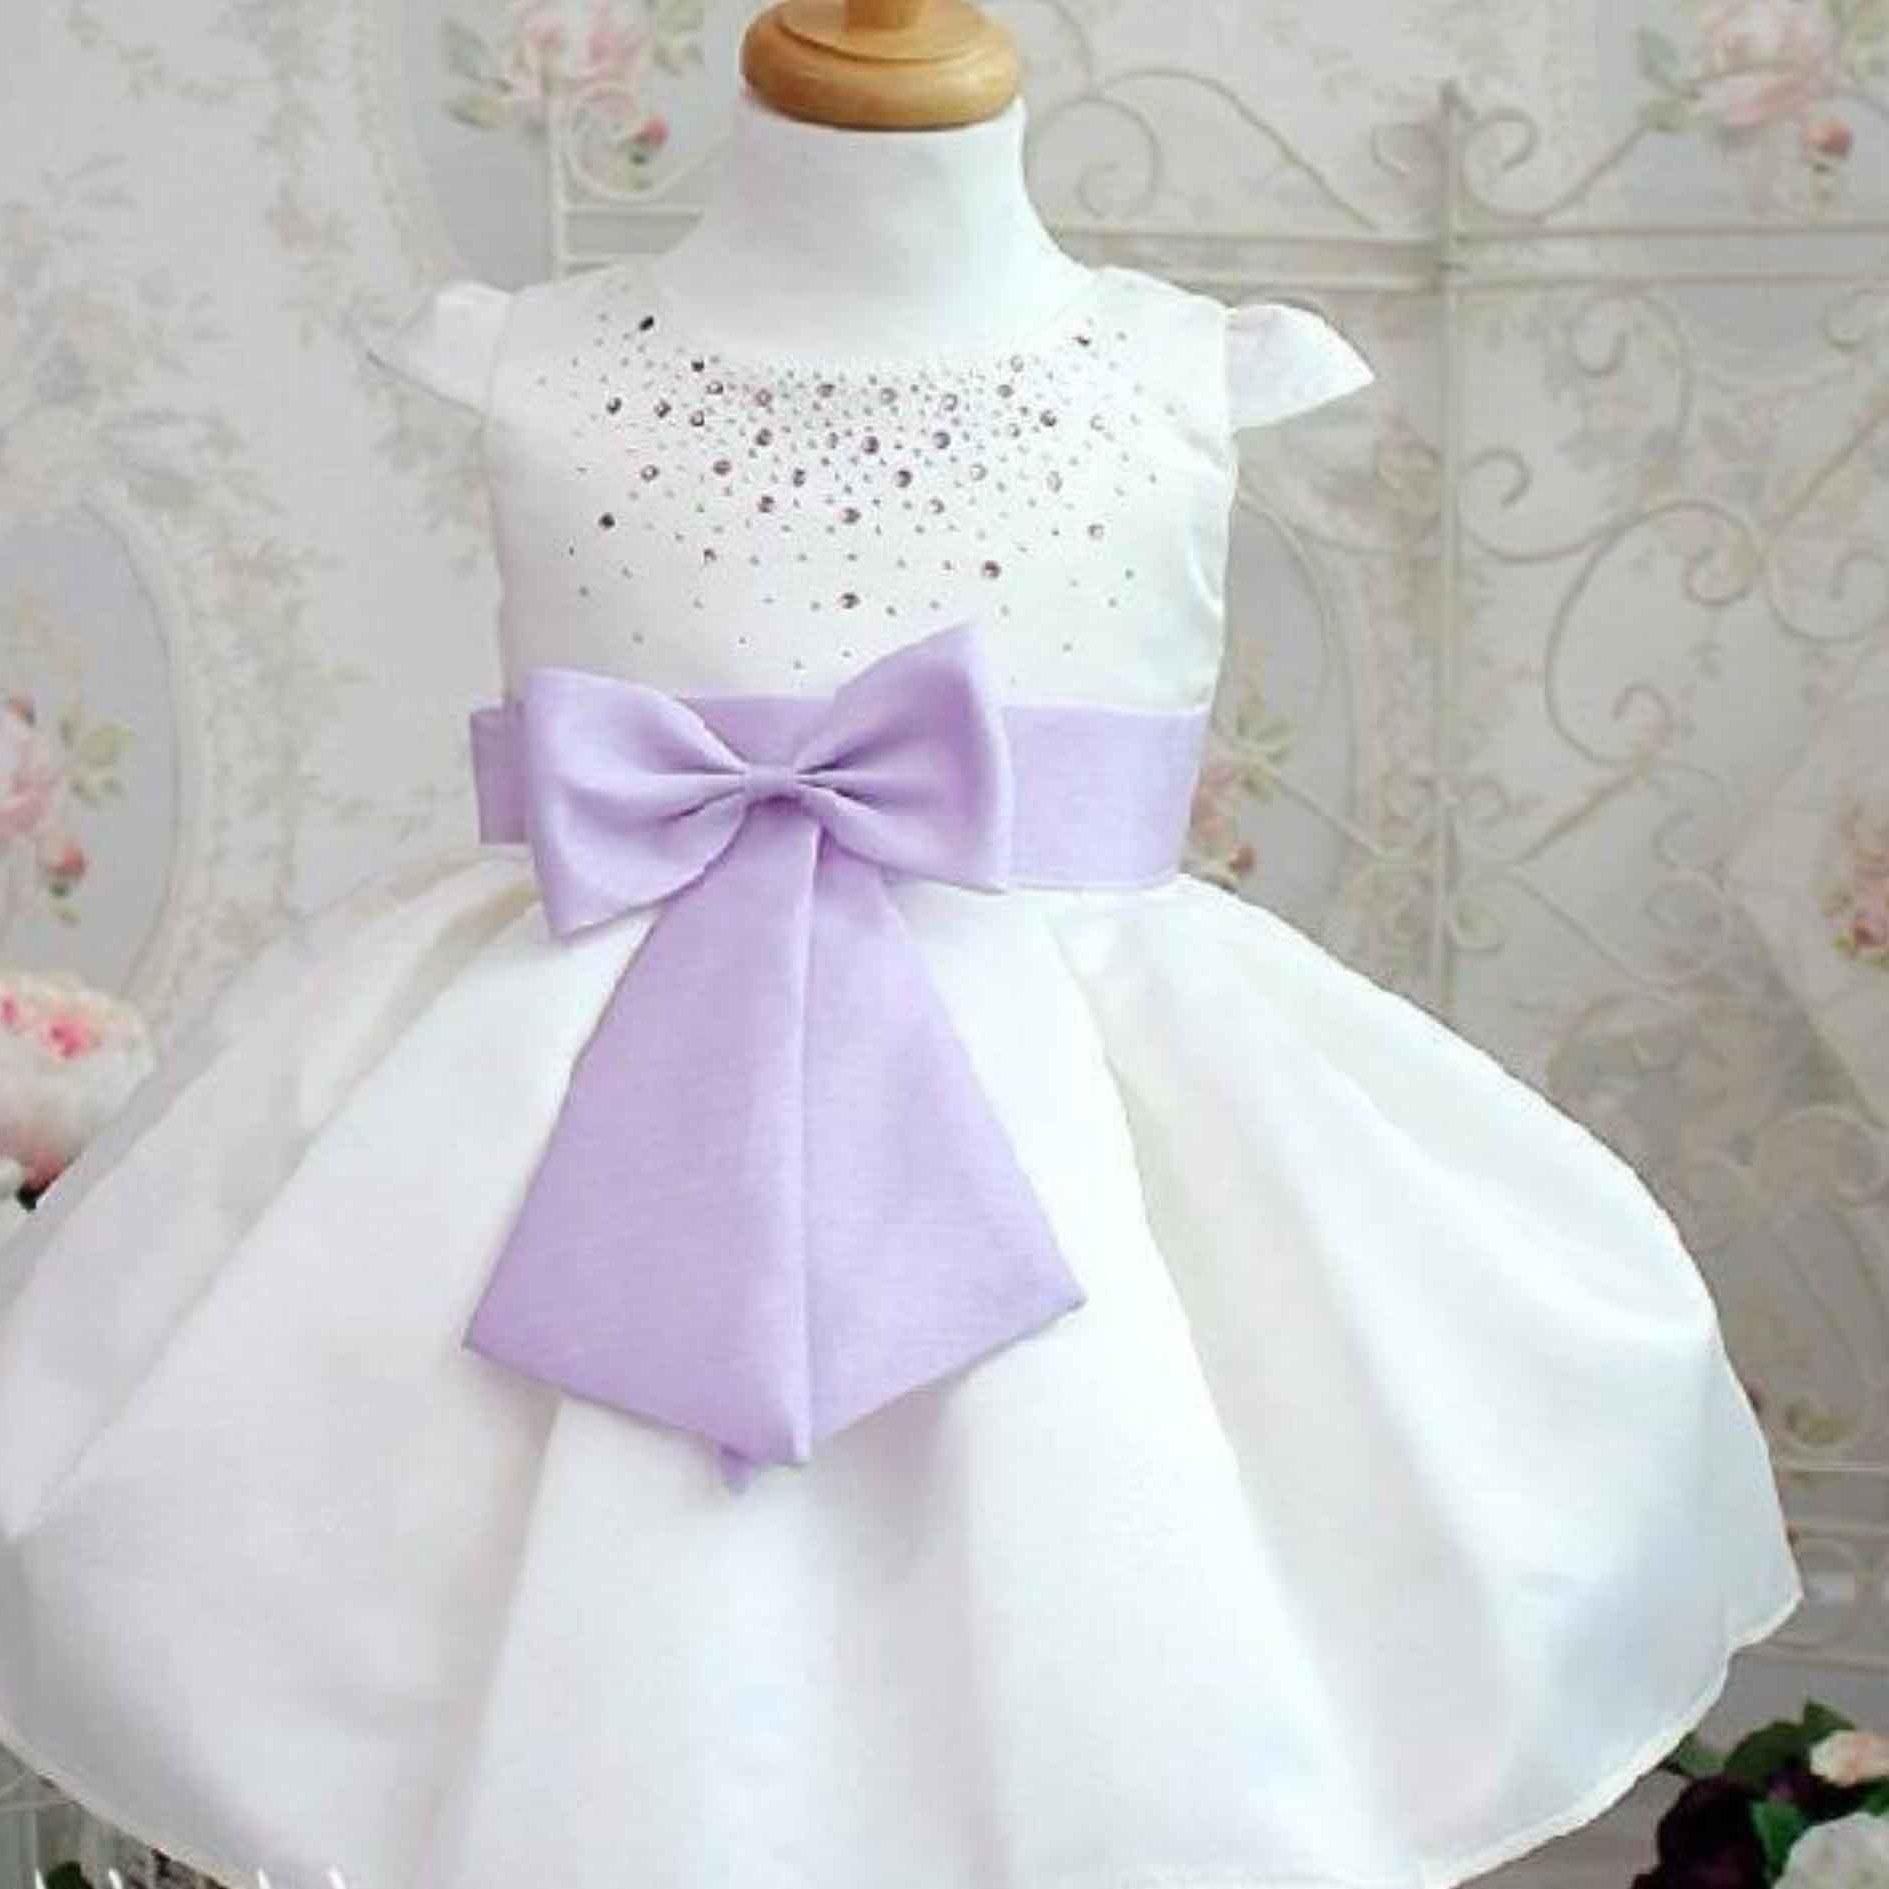 Design Baju Lebaran Anak Perempuan Umur 12 Tahun H9d9 7 Referensi Tentang Harga Baju Bayi Perempuan 6 Bulan